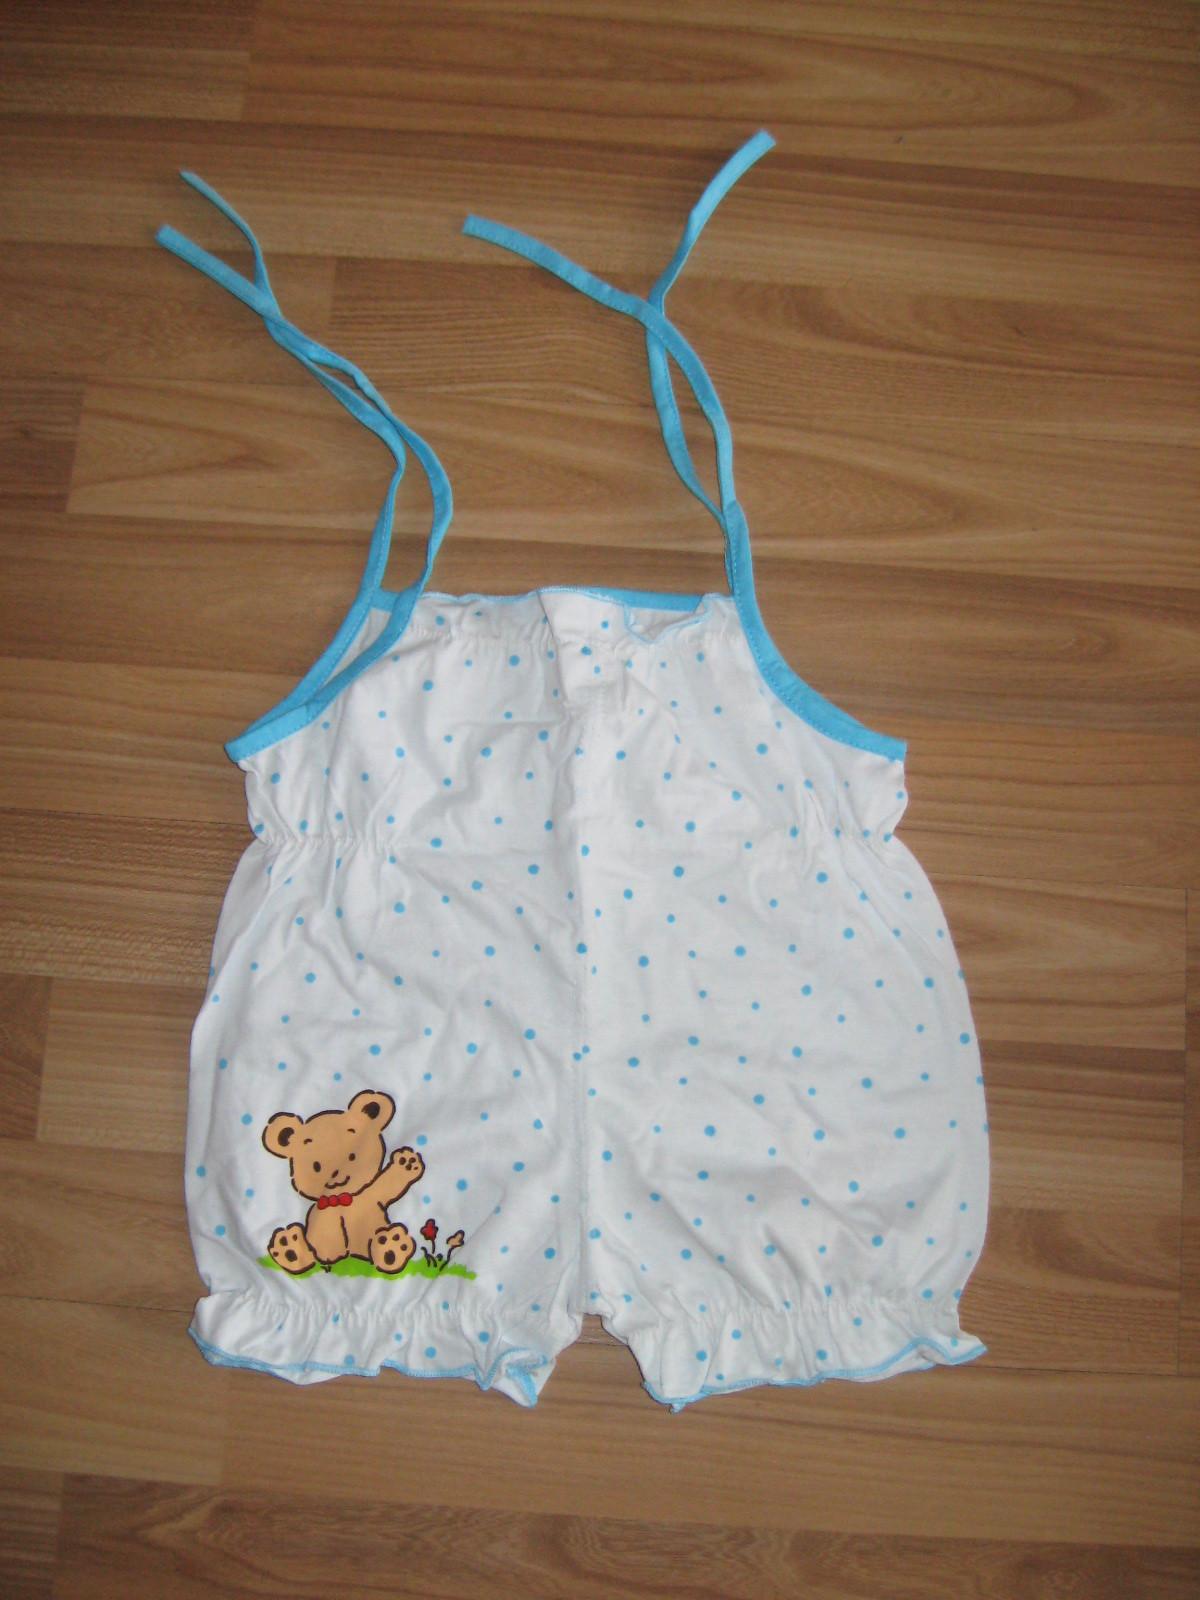 白菜价可爱婴儿服装清仓处理